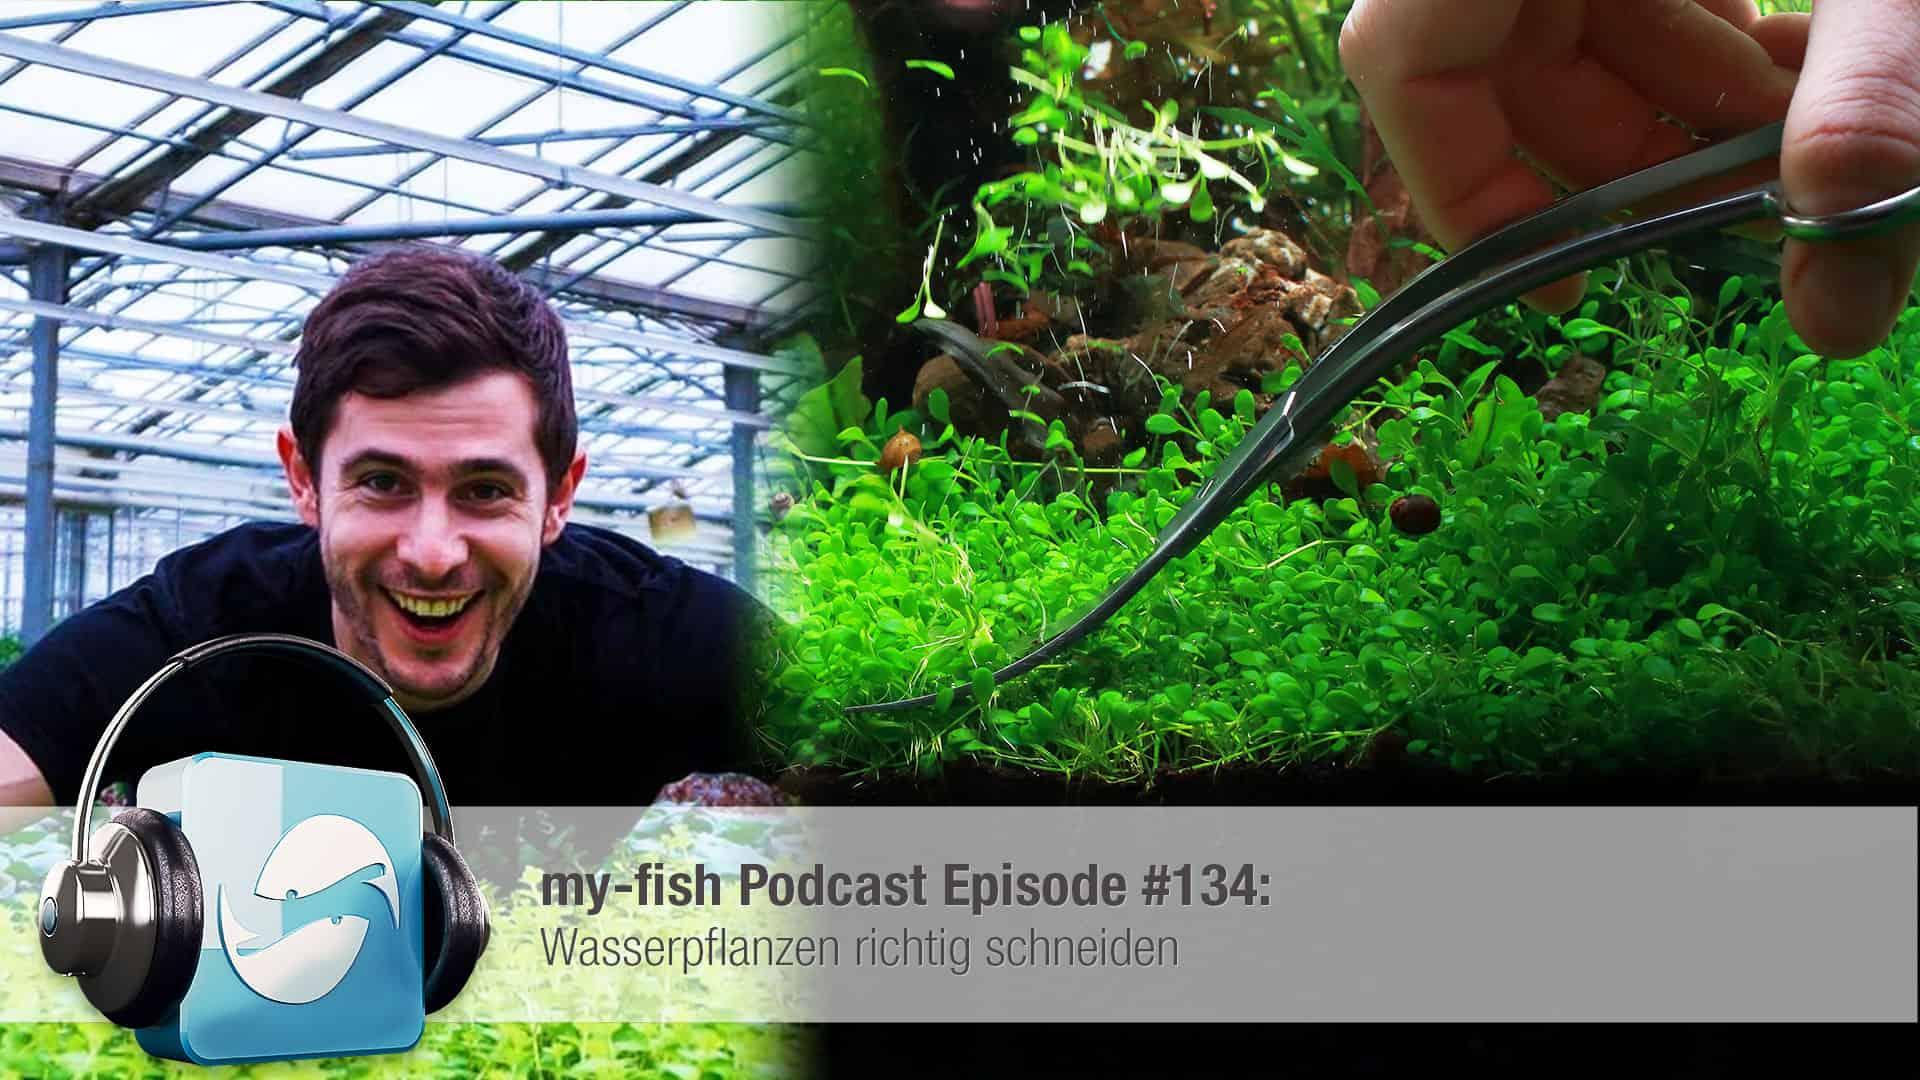 Podcast Episode #134: Wasserpflanzen richtig schneiden 1